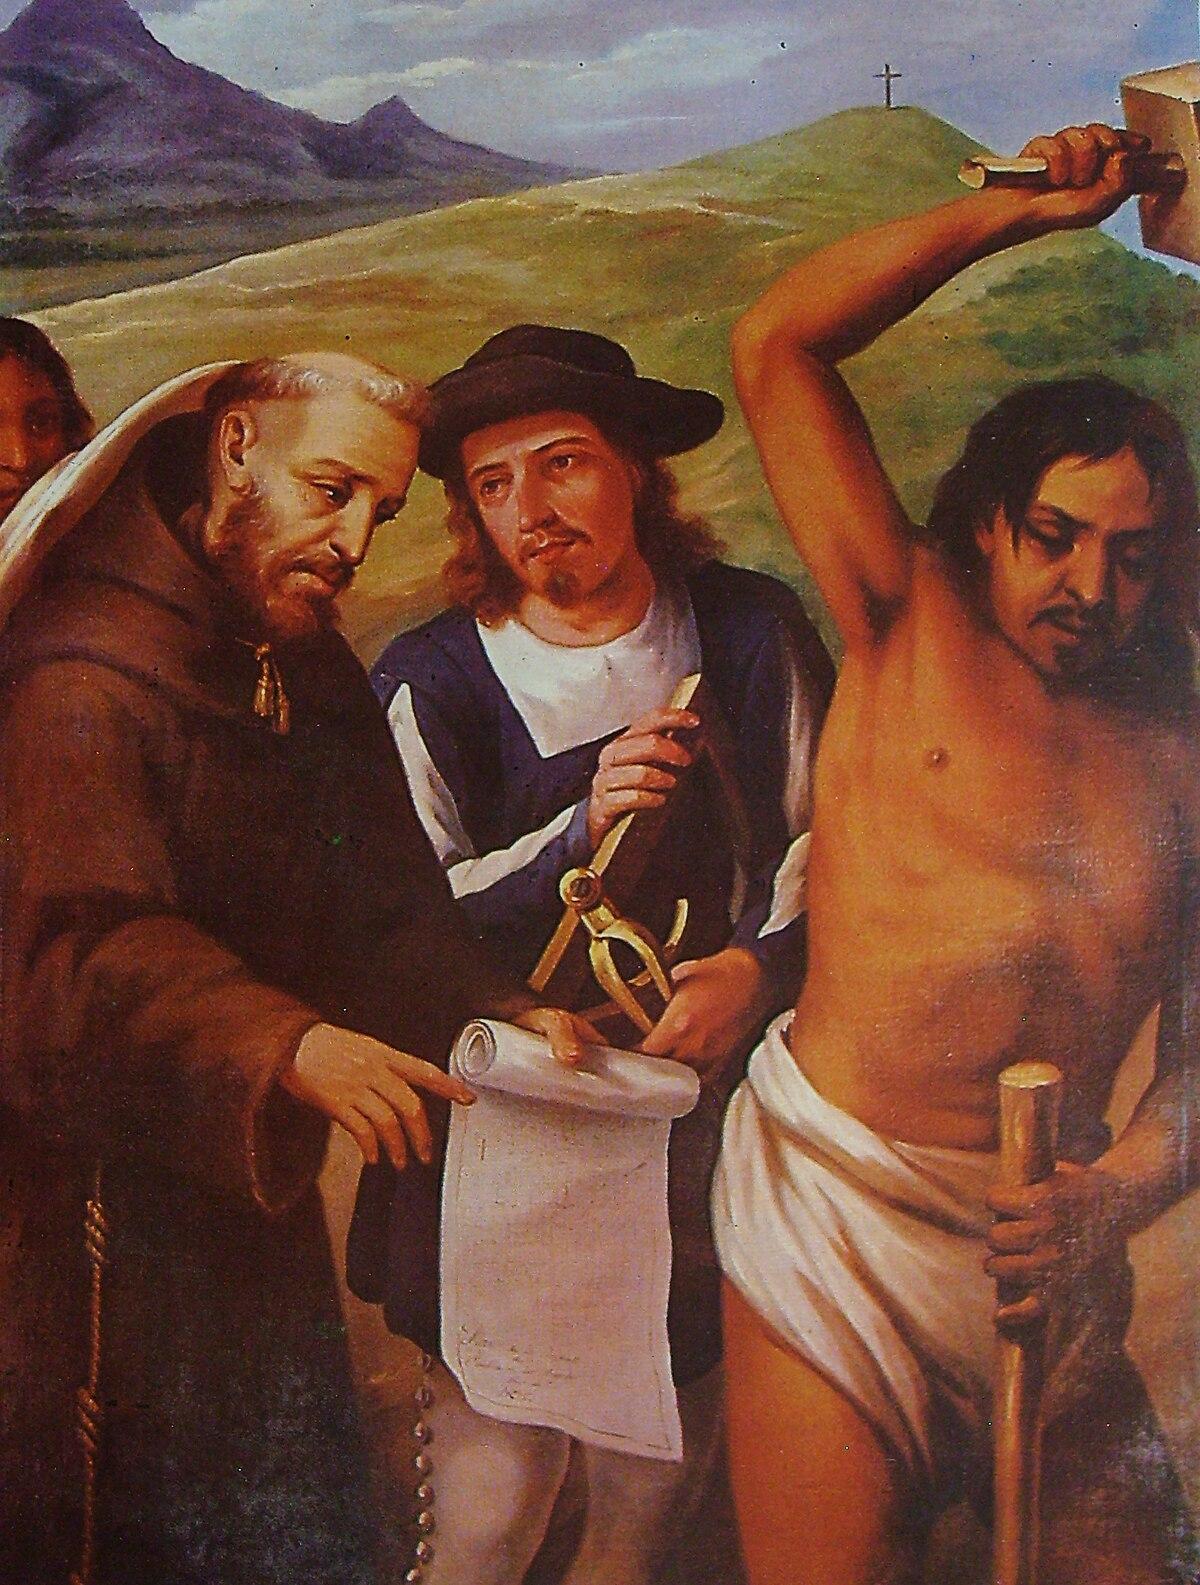 Pintura en óleo mostrando la Fundación de Puebla, de las diez cosas que todos deben saber de Puebla